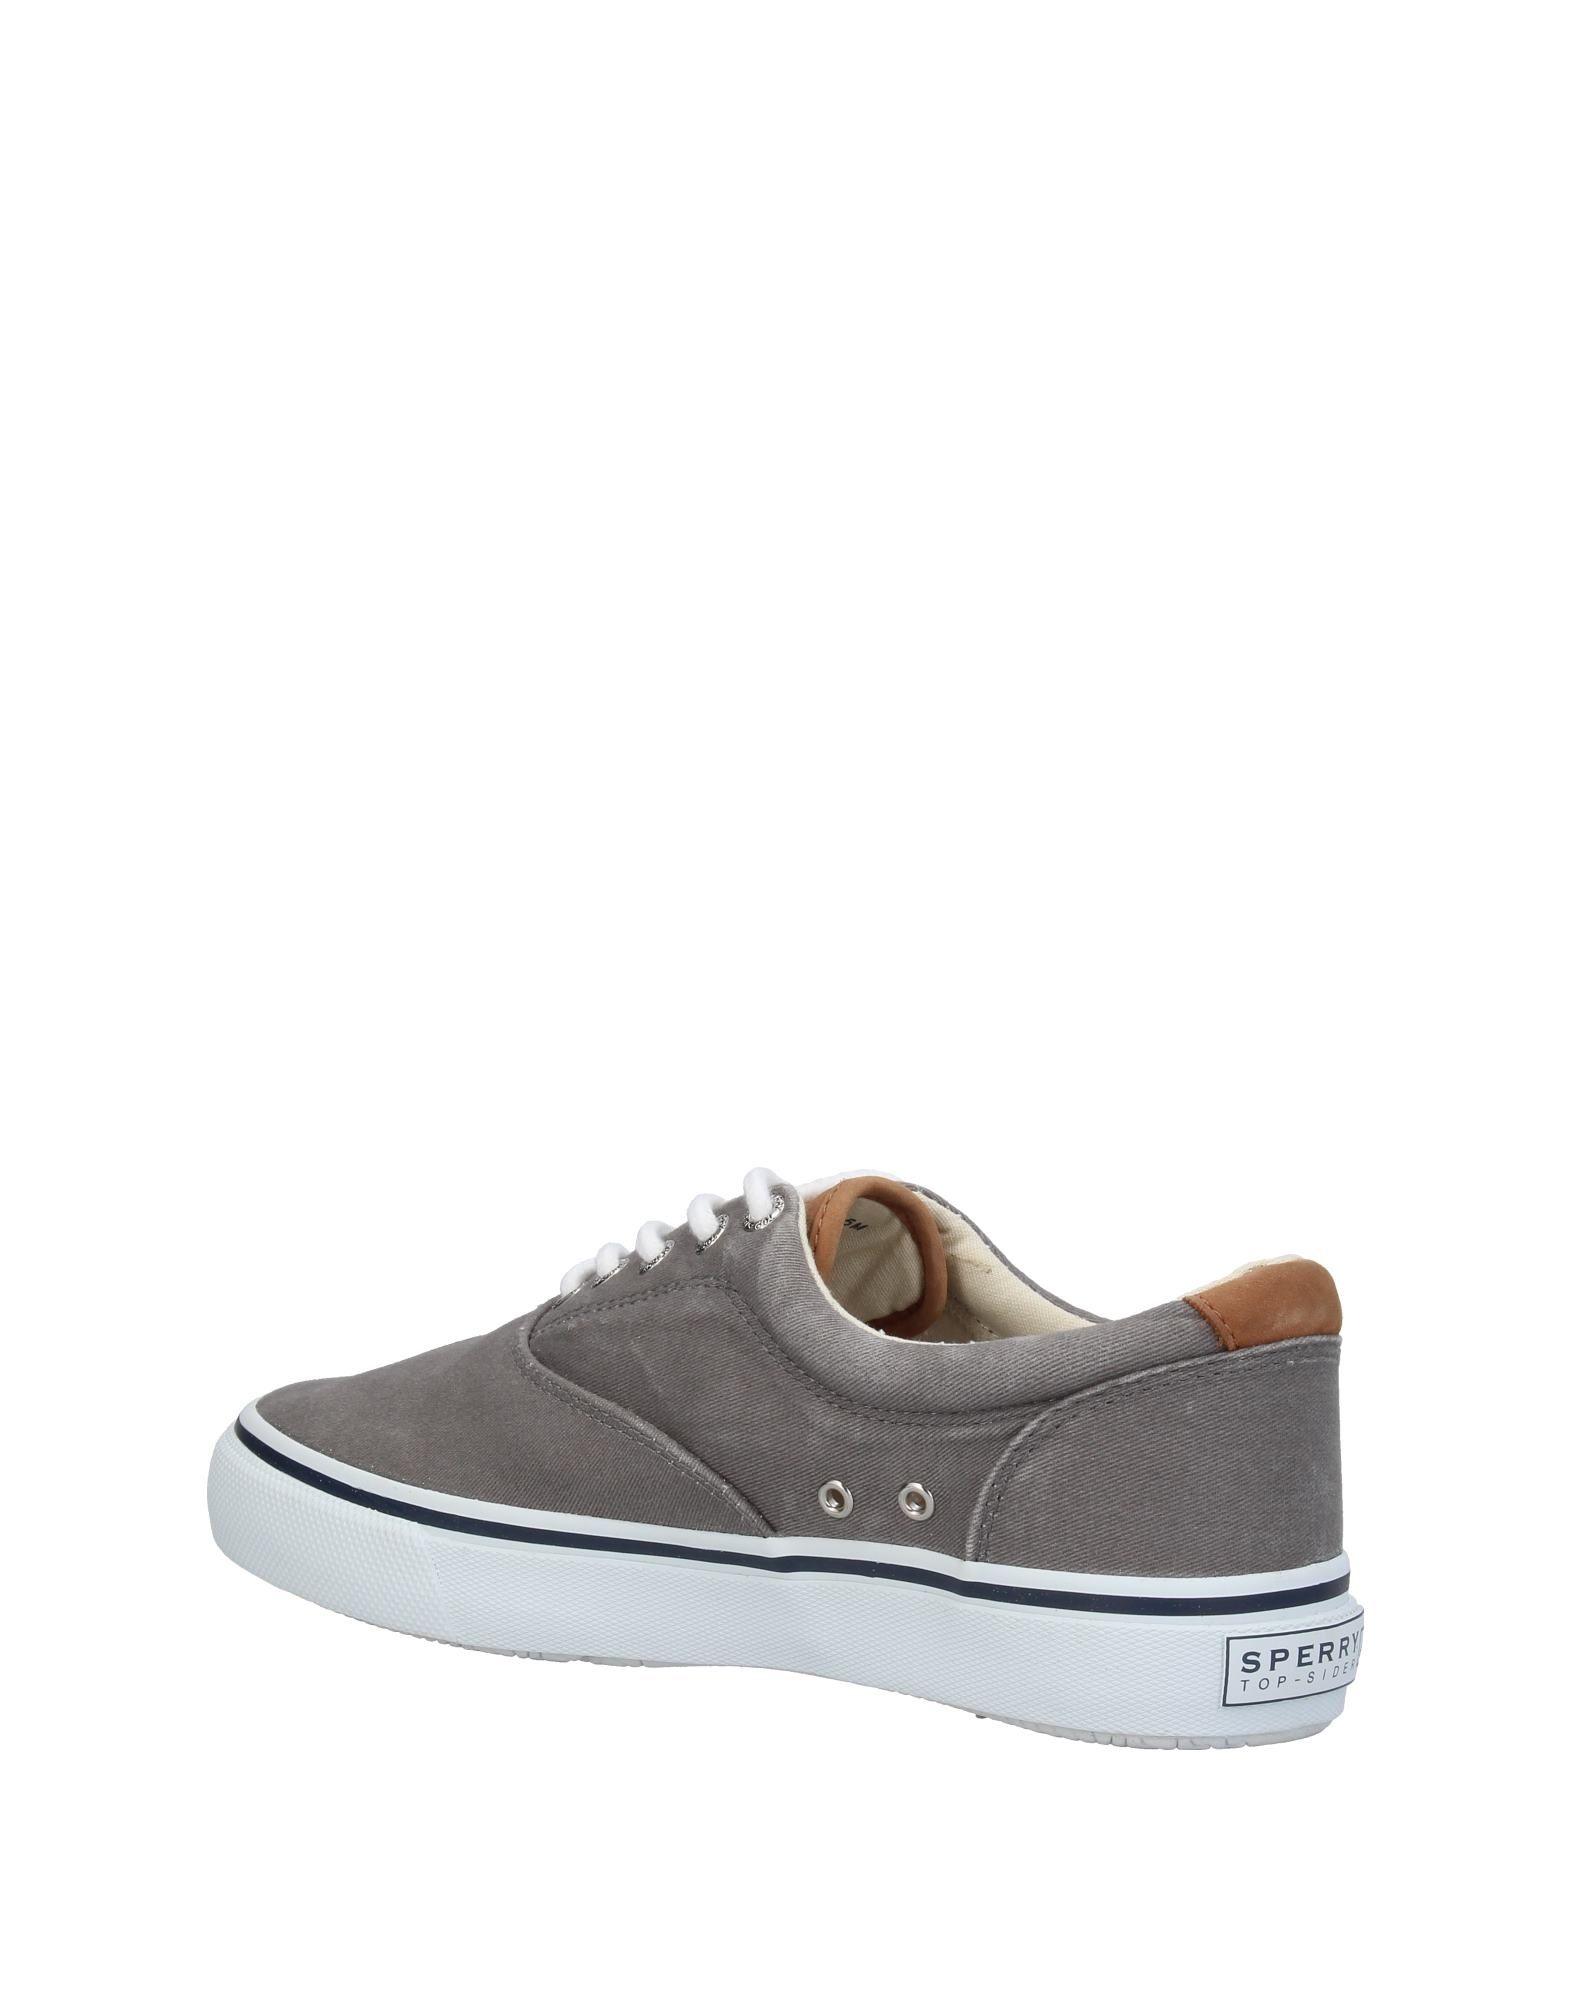 Rabatt echte Schuhe Sperry Herren Sneakers Herren Sperry  11373640EK 08e7af